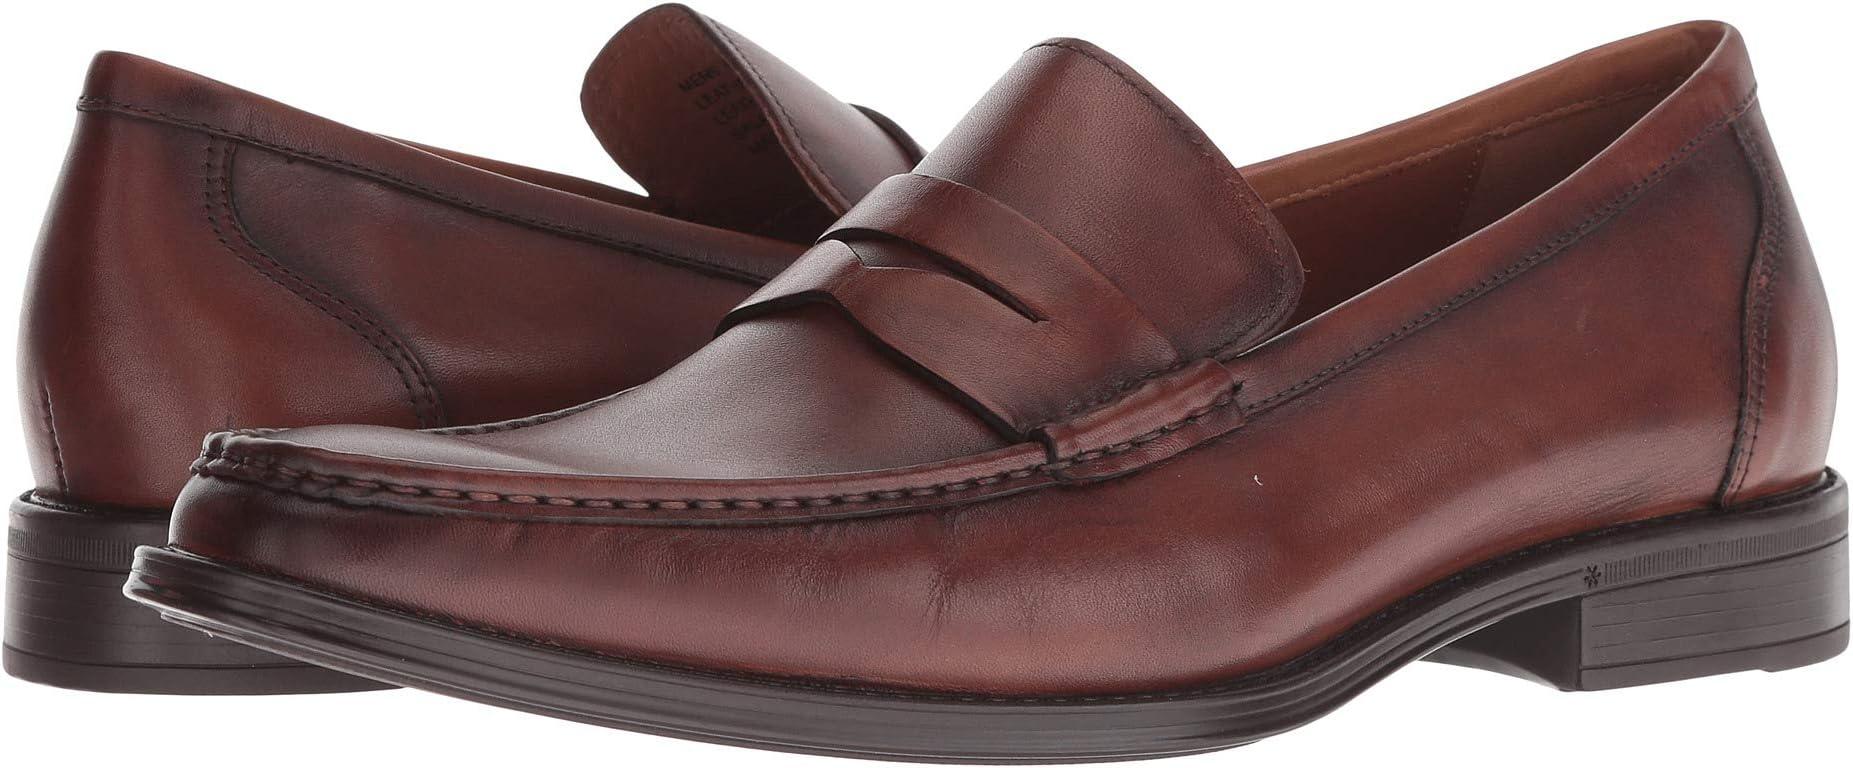 Image result for Florsheim shoes men